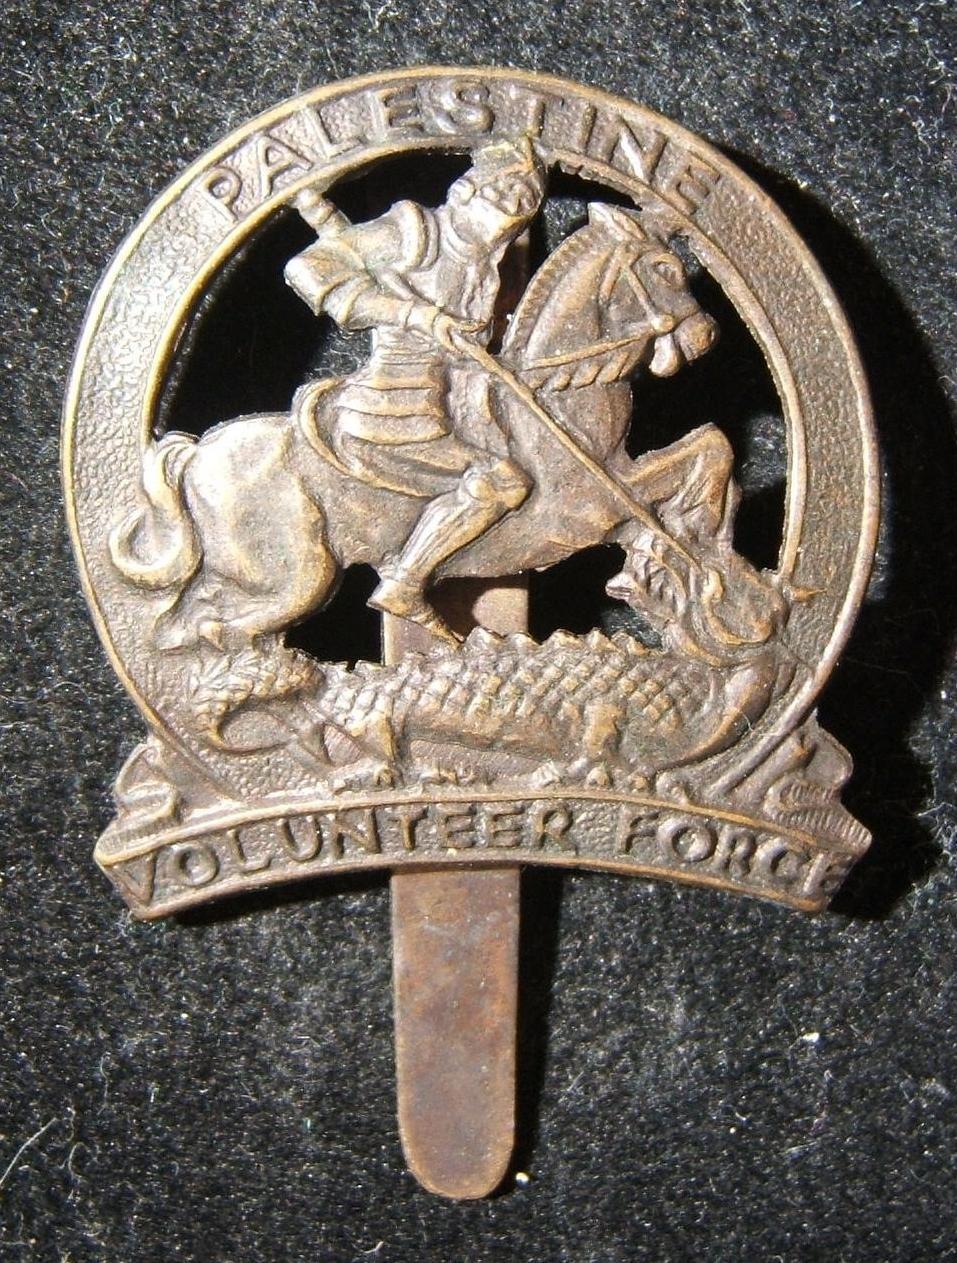 Palästina Volksfreiwilligen Kräfte, Hut-Abzeichen aus Metall, ca. 1940-1943; kein Hersteller gekennzeichnet; mit Schieberegler auf Rückseite; Gewicht: 4,75 g. Zeigt Schutzpatron St